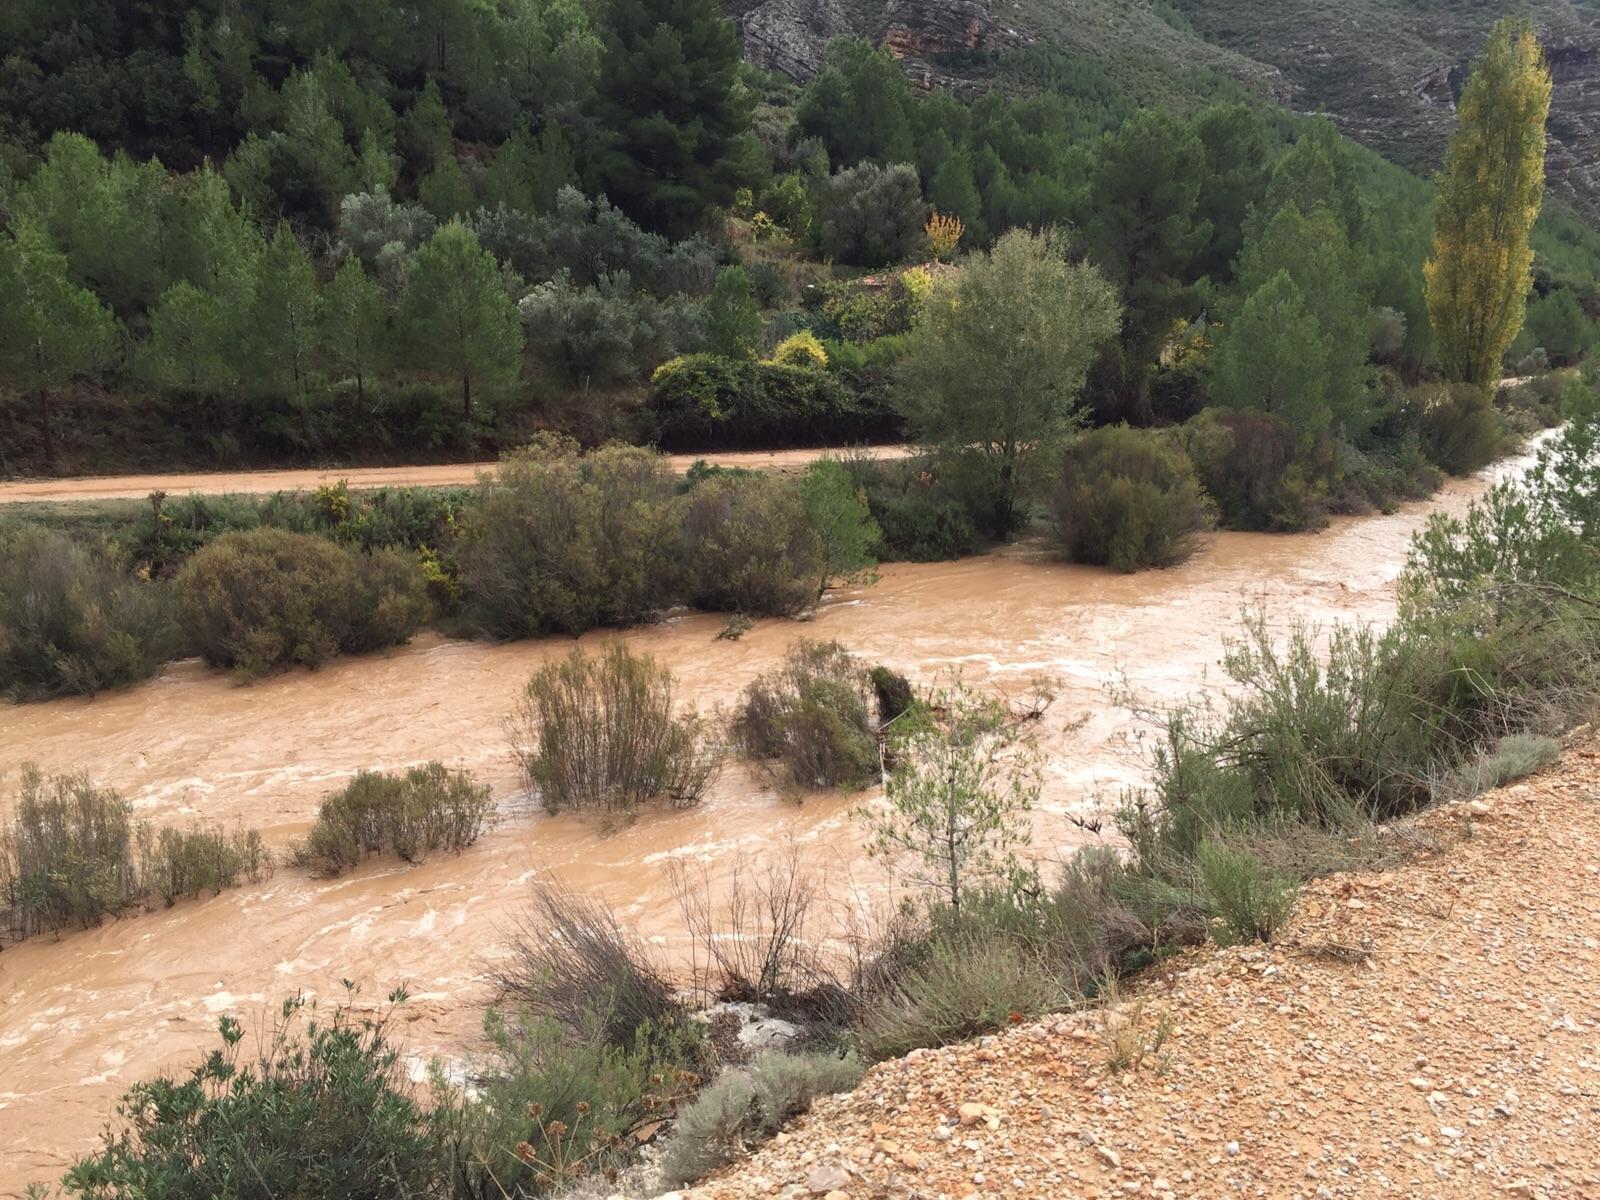 Daños provocados por las lluvias torrenciales en Chera.